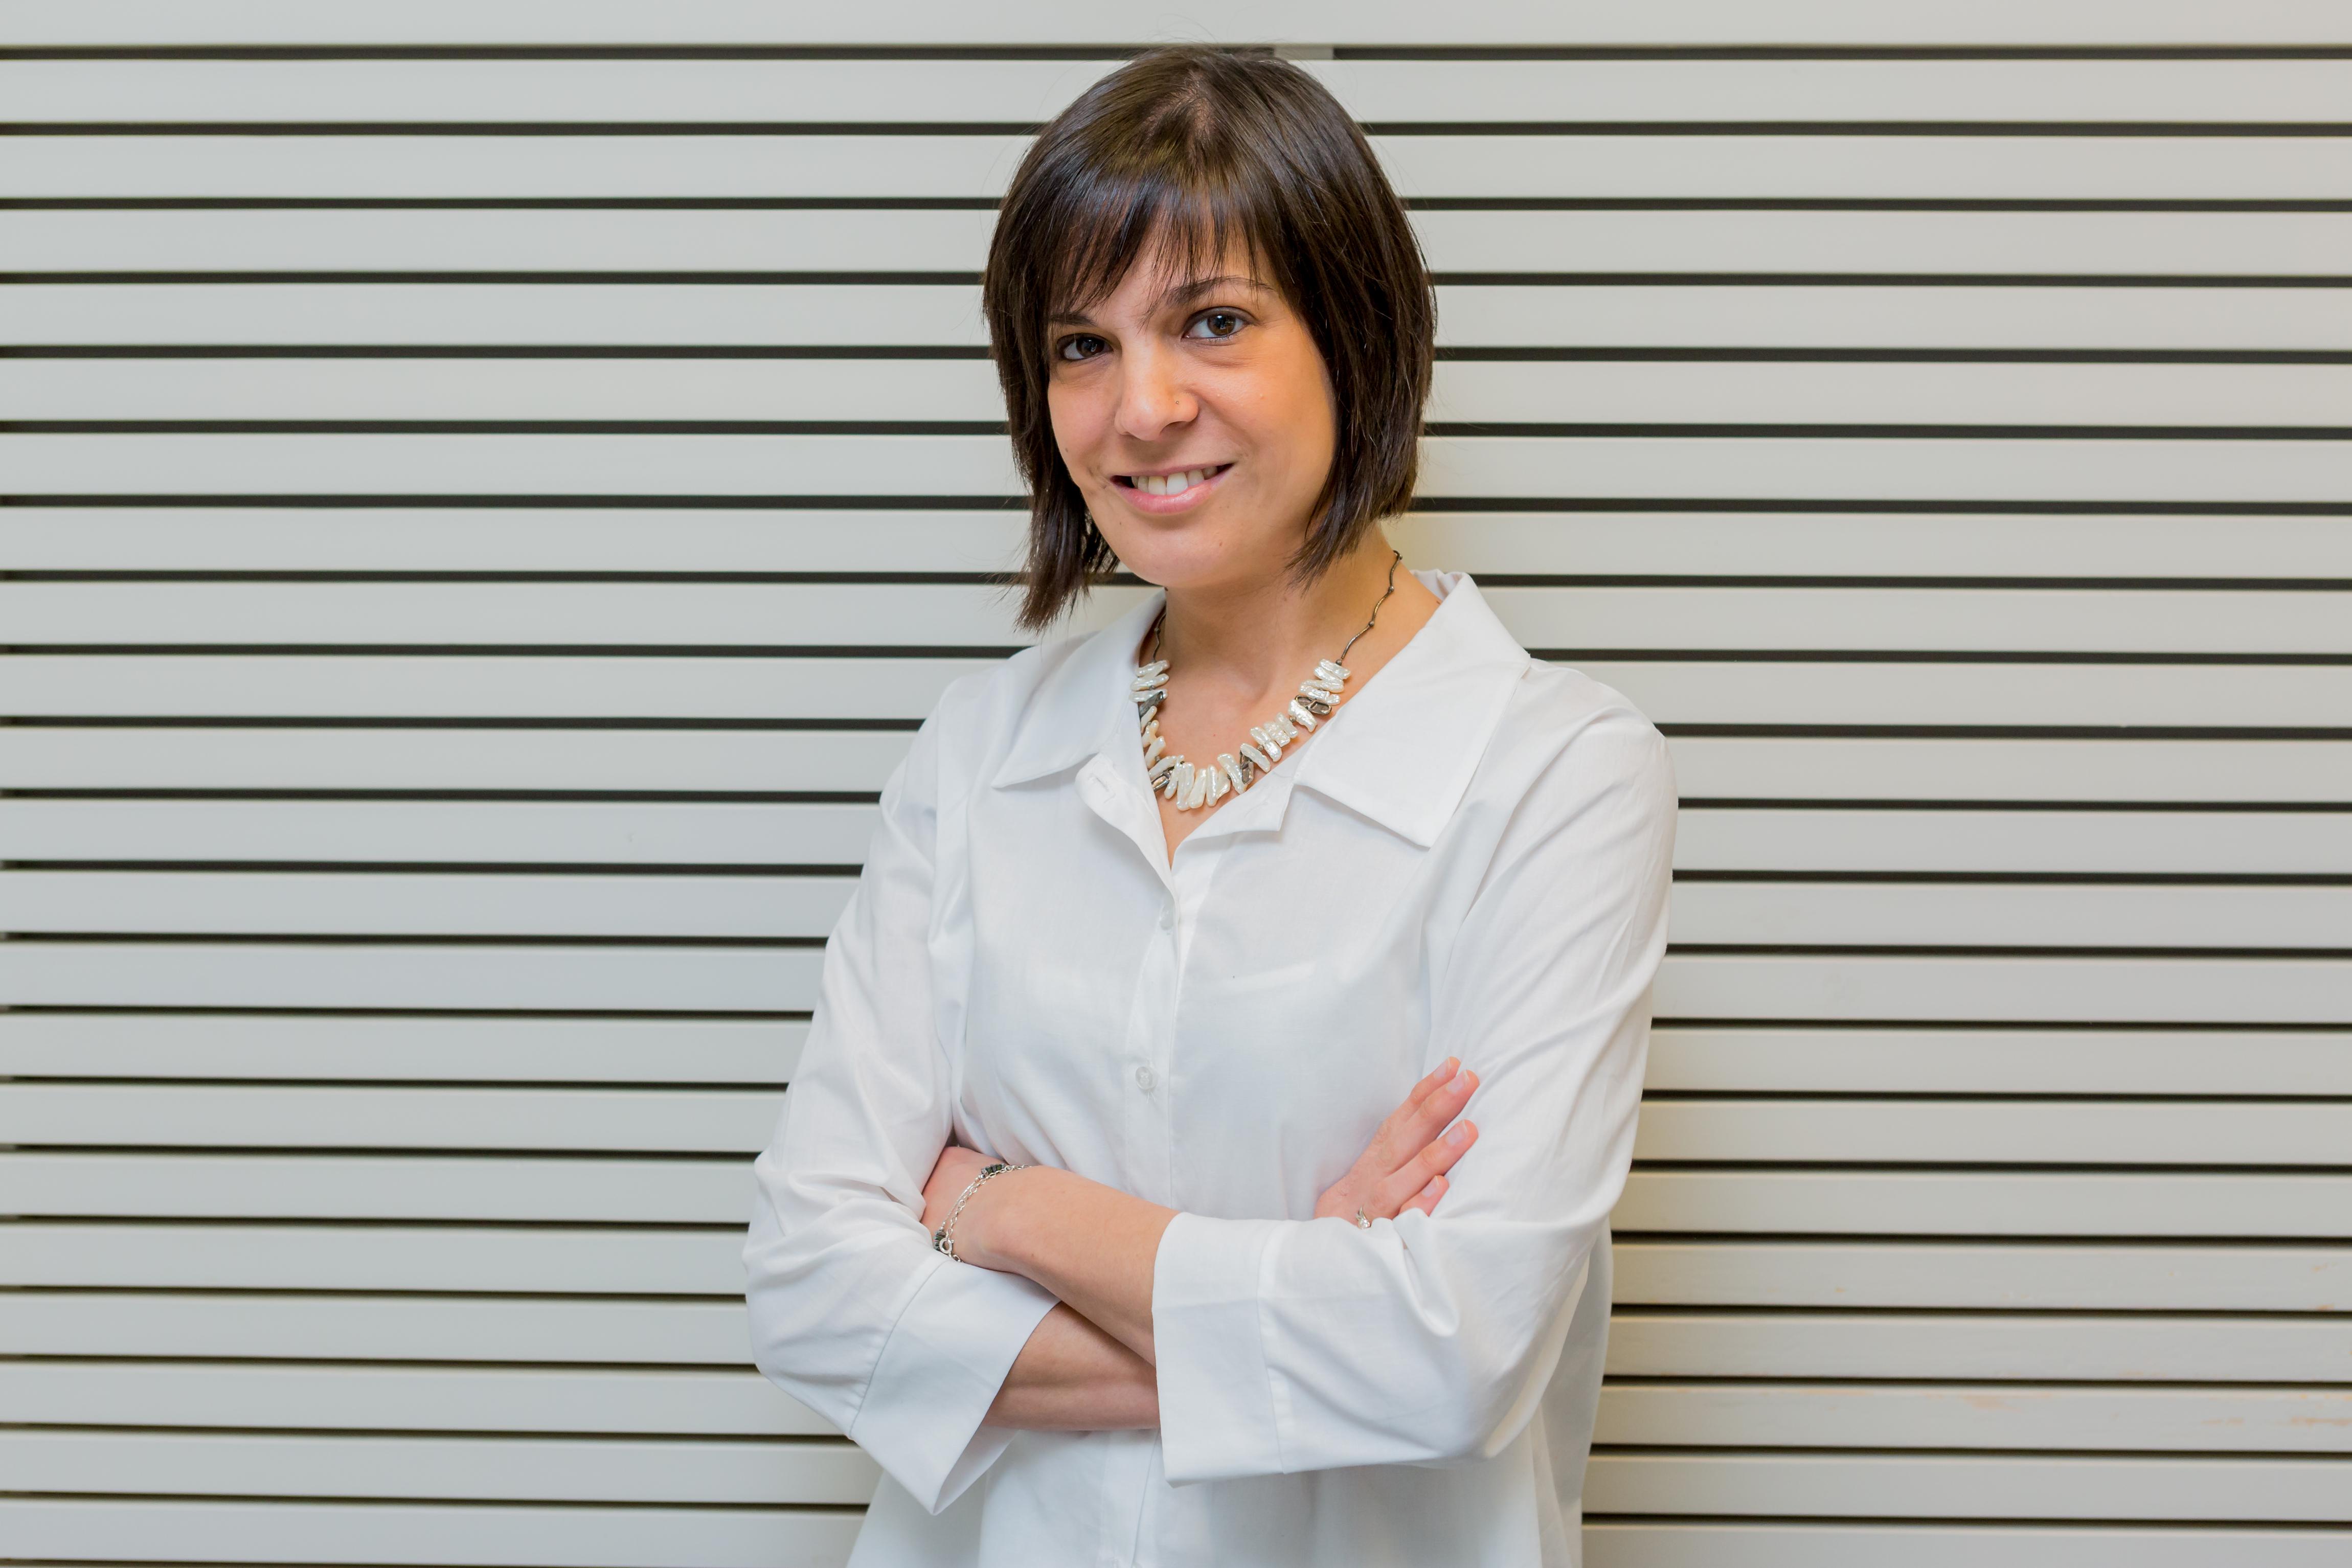 דר' אריקה כהן